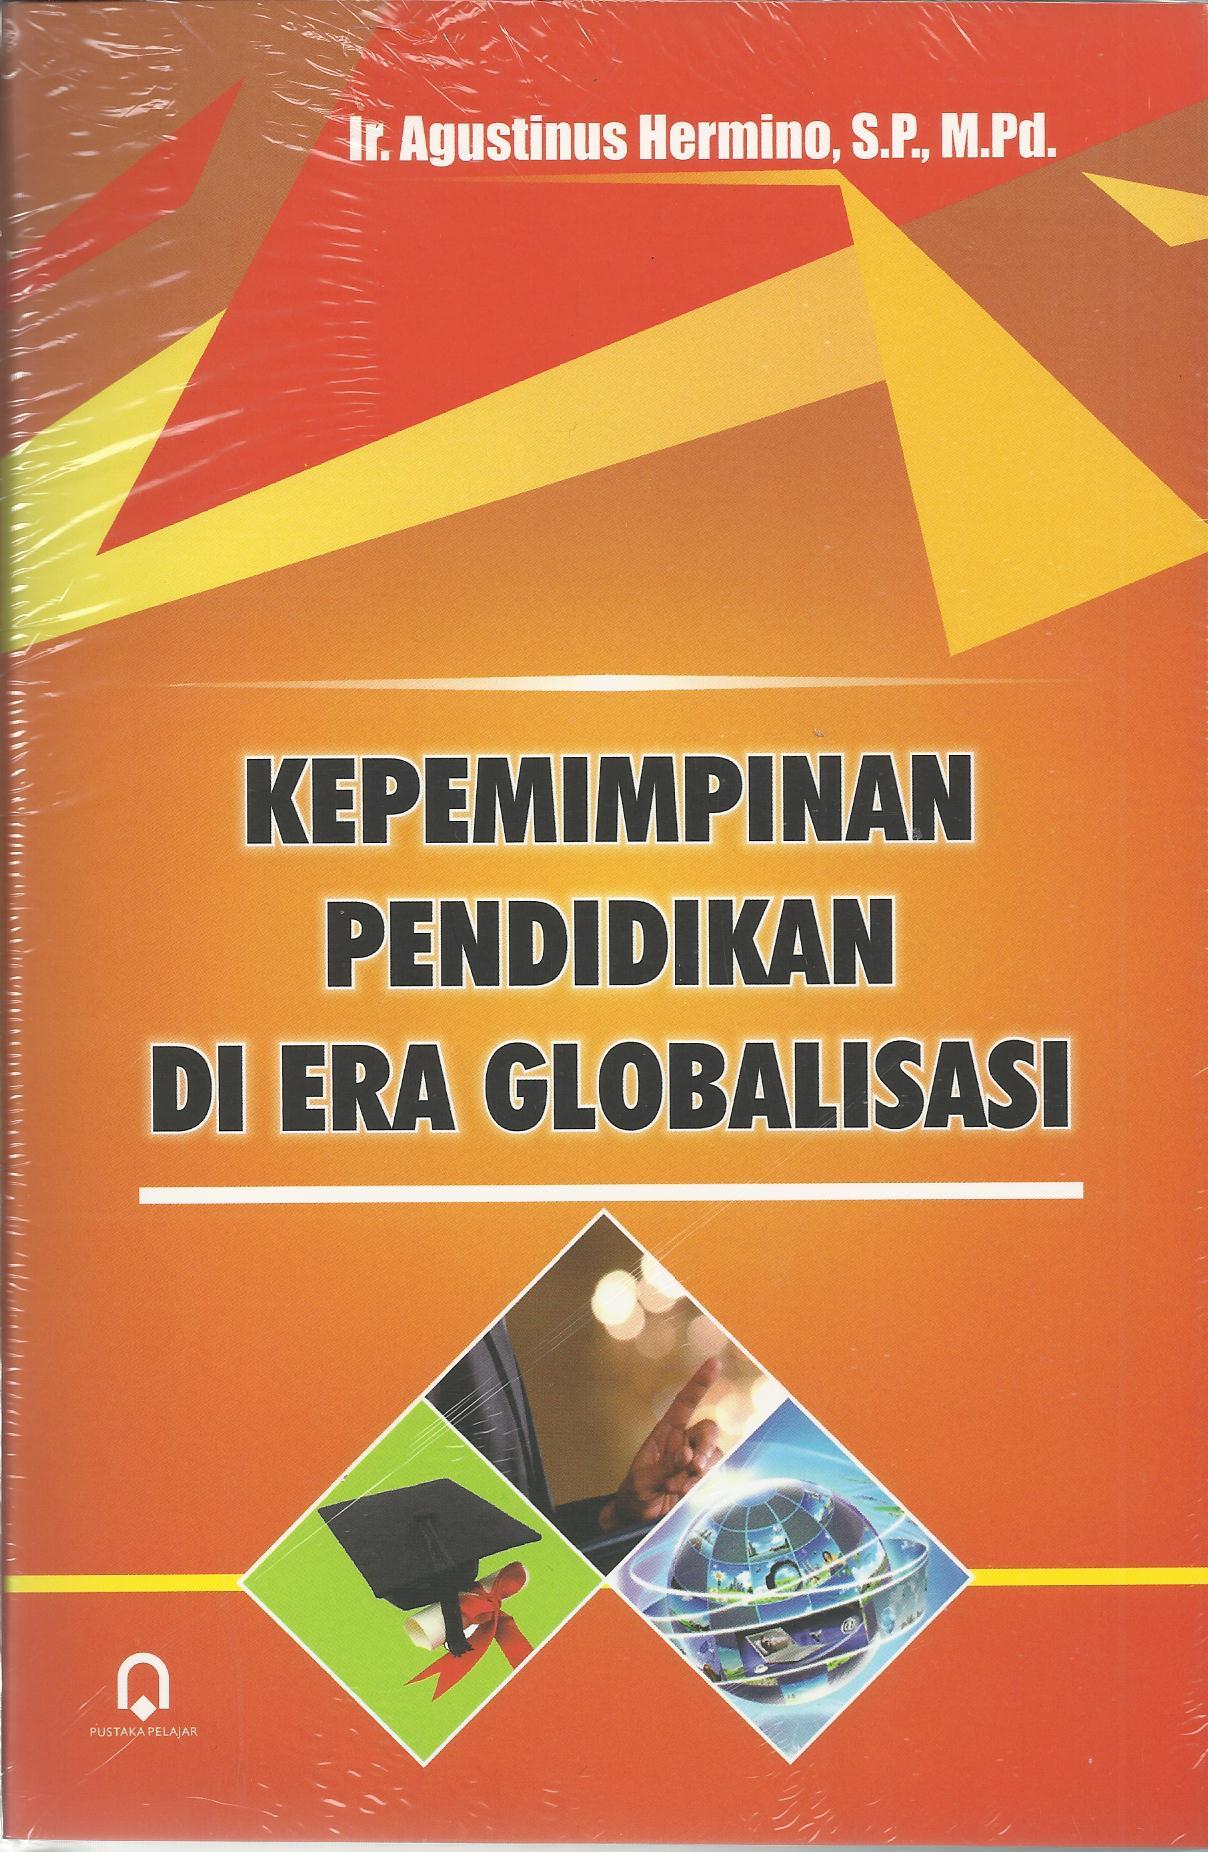 Kepemimpinan Pendidikan di Era Globalisasi